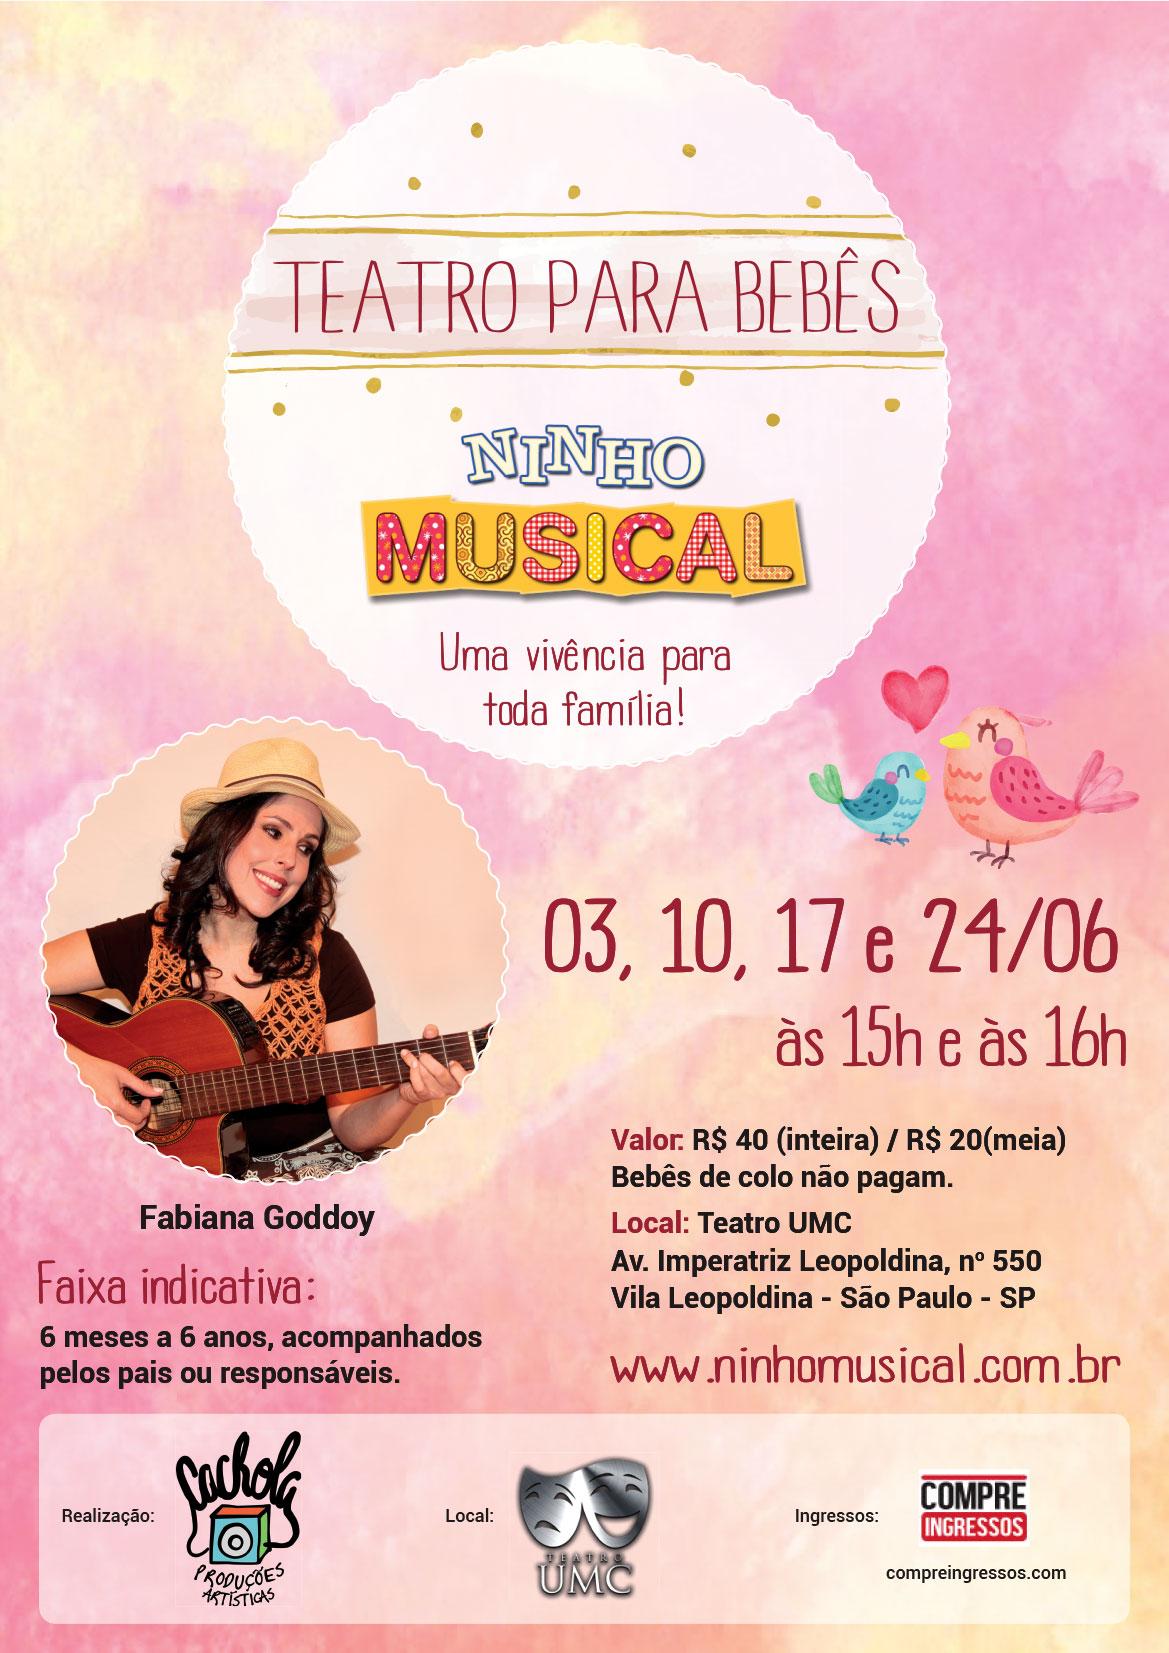 """Teatro para bebês """"Ninho musical"""" estreia em São Paulo"""